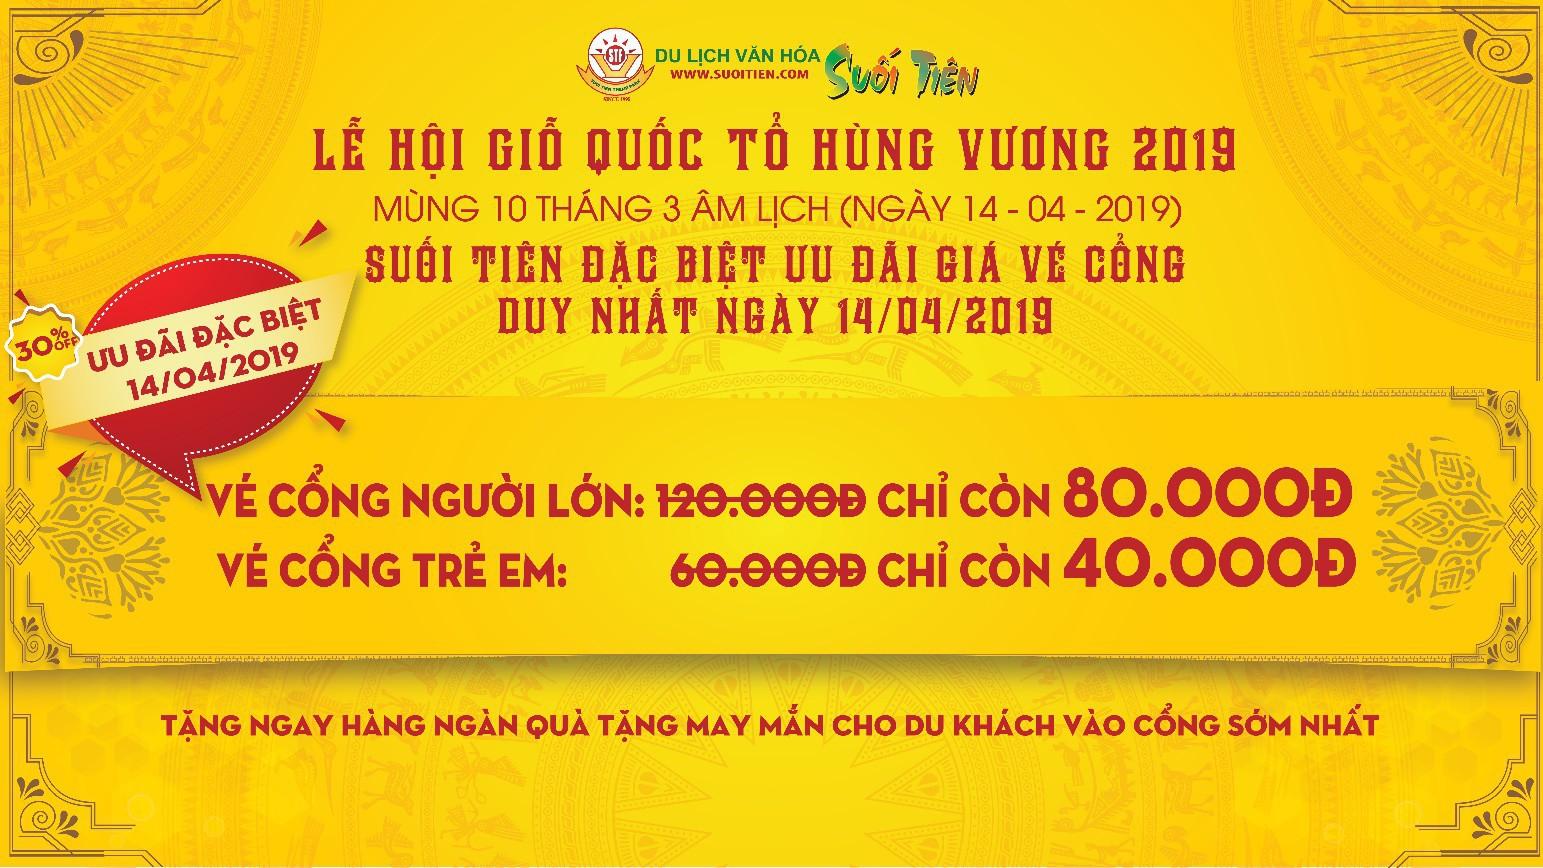 Mùng 10 tháng ba: Suối Tiên ưu đãi giá vé mạnh dành cho du khách